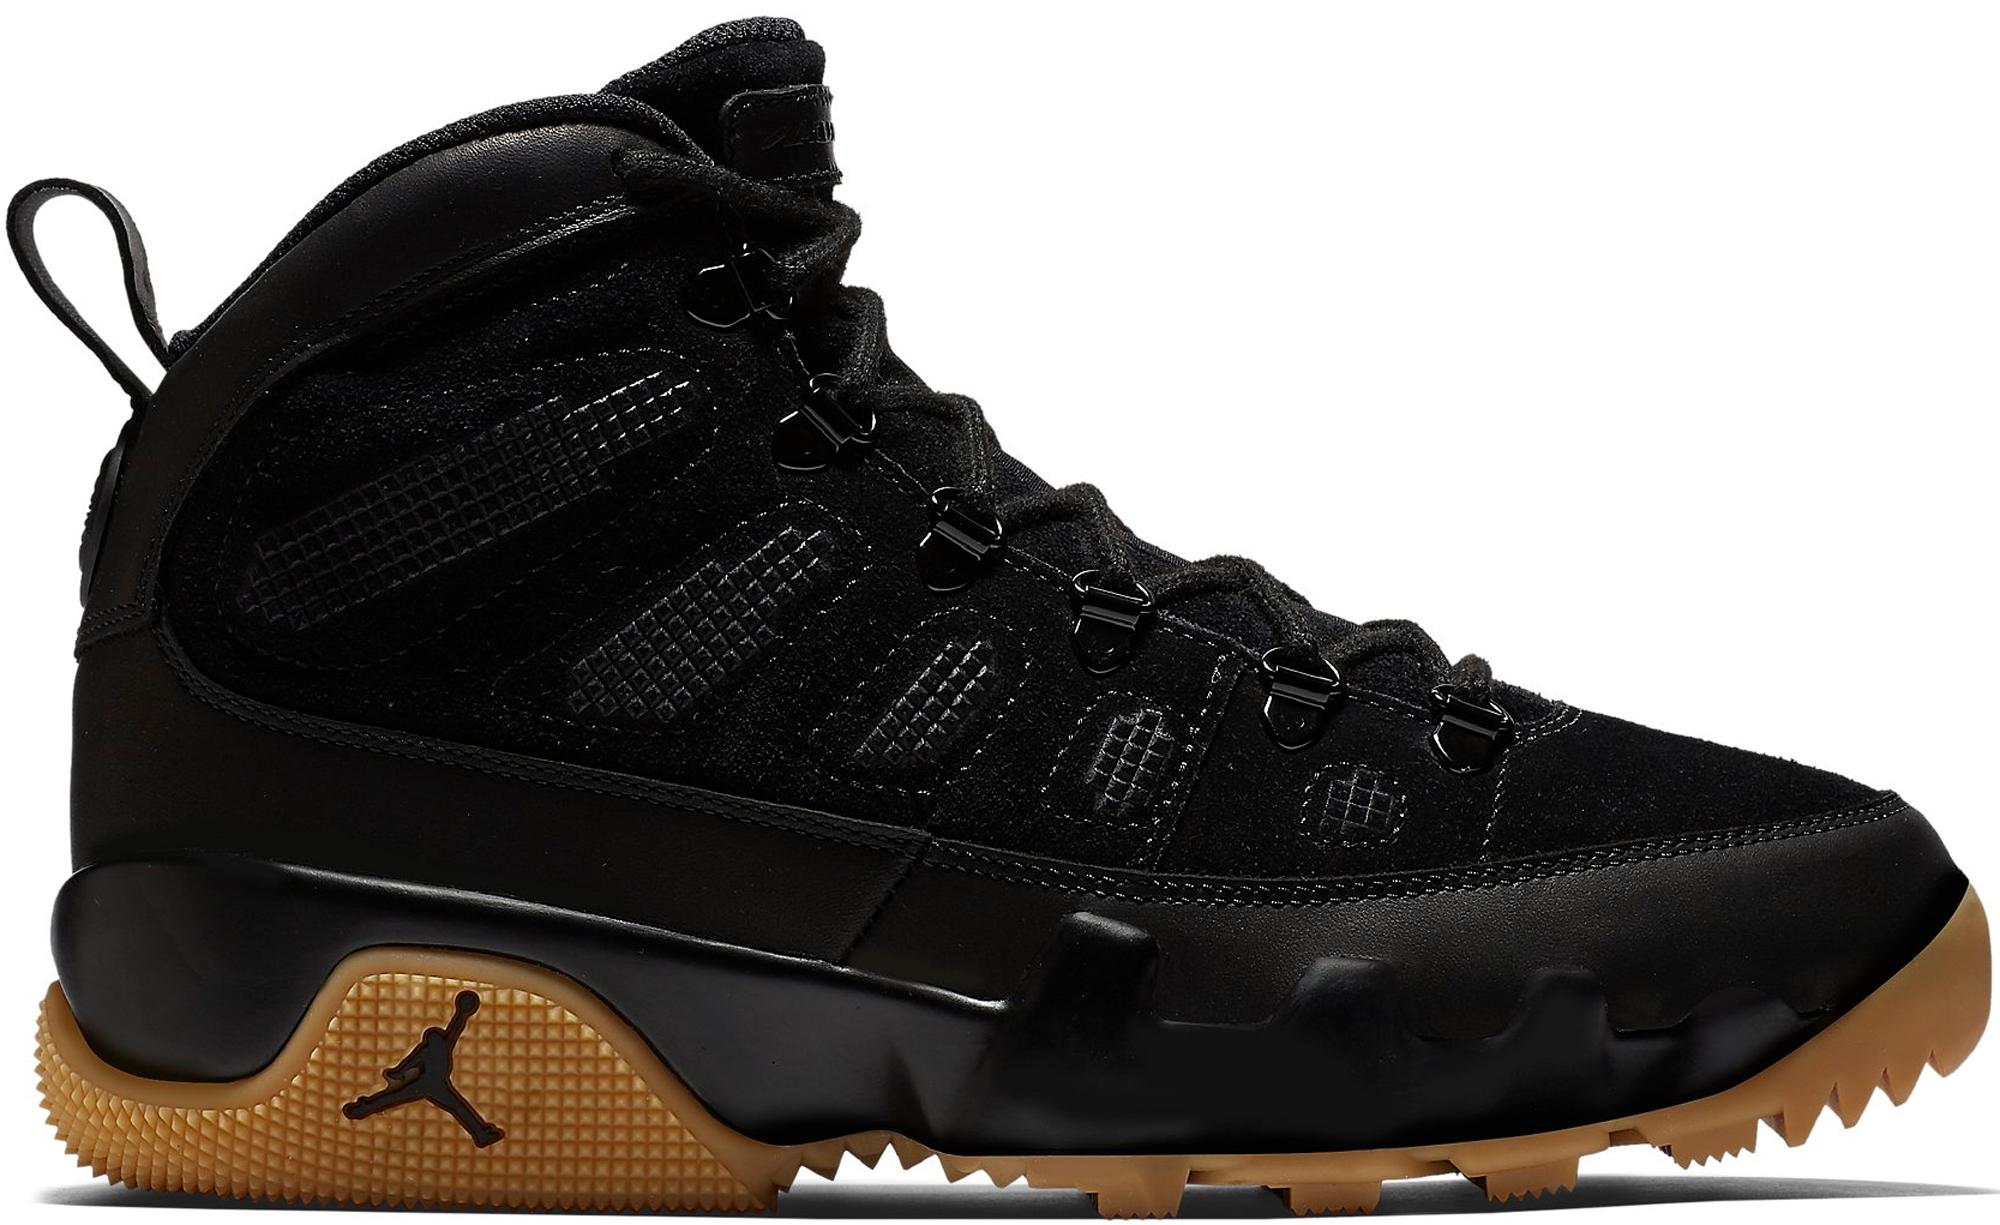 Jordan 9 Retro Boot Black Gum